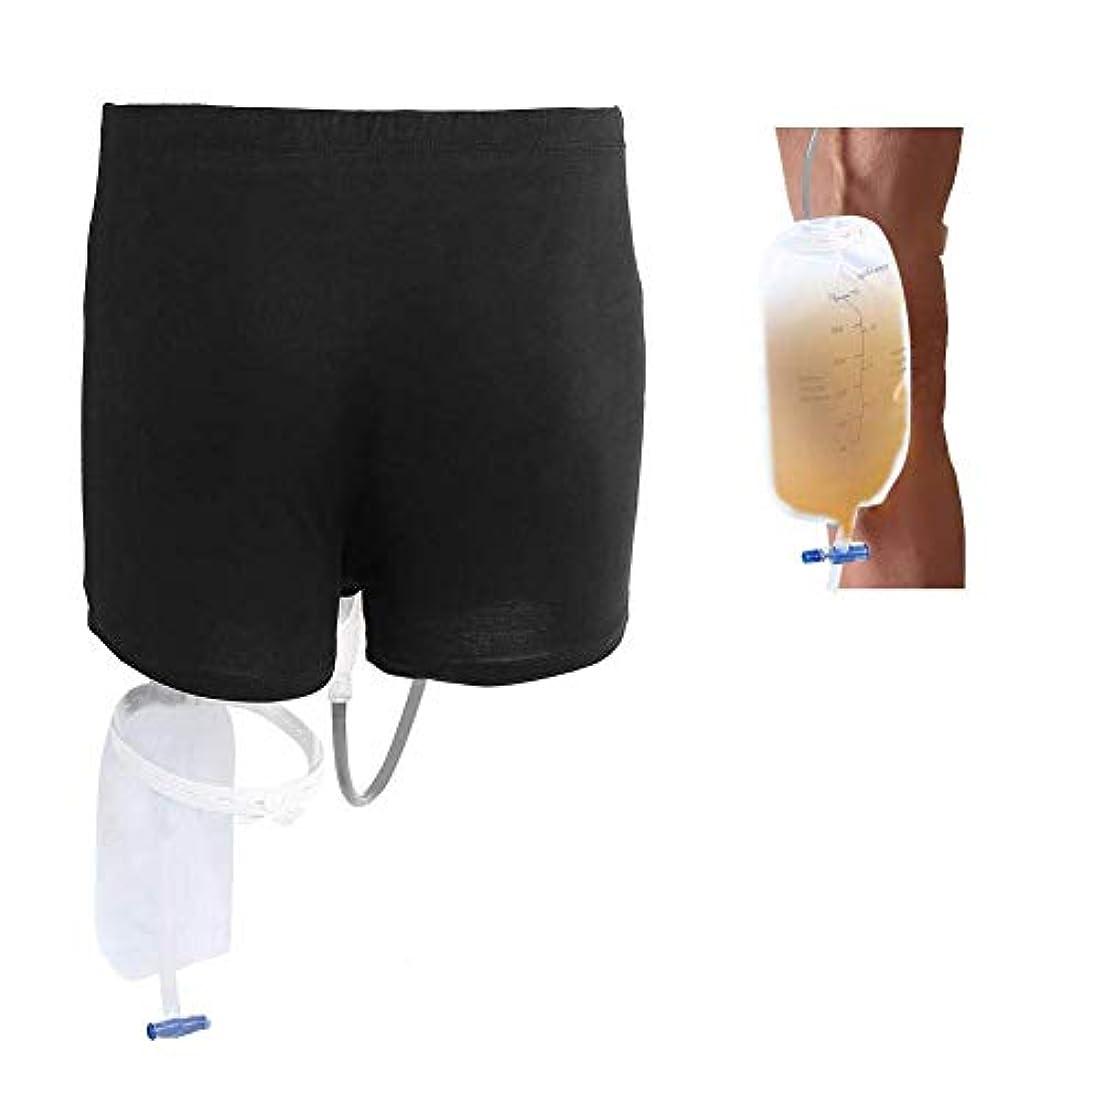 資本主義耐えられない証拠人のための身につけられる尿袋の失禁ズボン、年配の人のためのコレクション袋の携帯用漏出防止の足のおしっこのカテーテルのホールダーが付いている便器システム